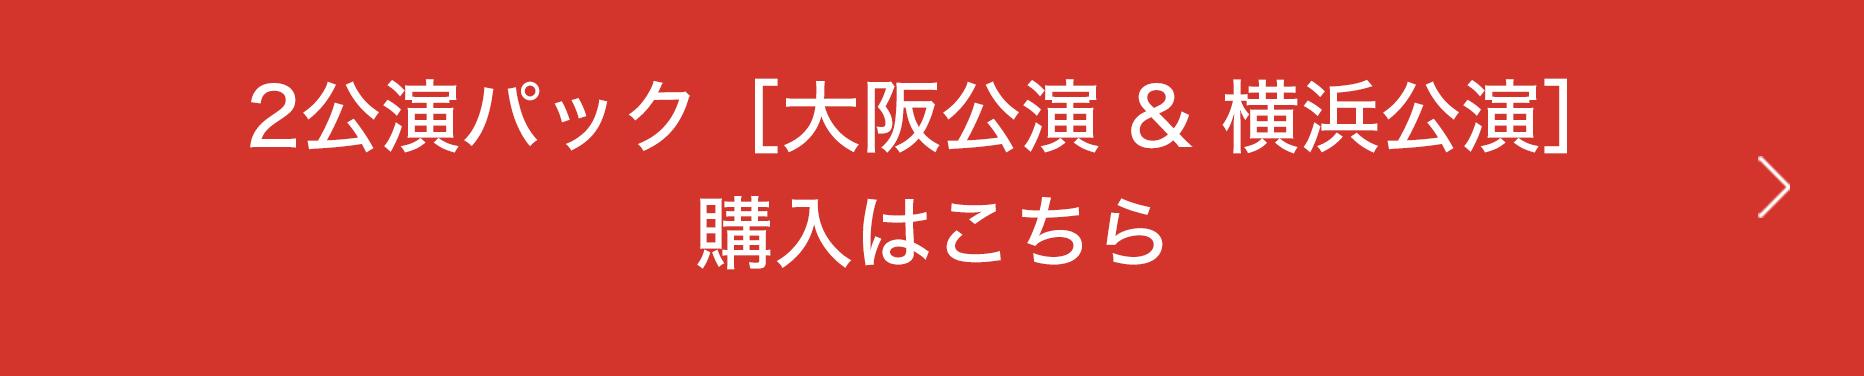 2公演パック[大阪公演 & 横浜公演]の購入はこちら